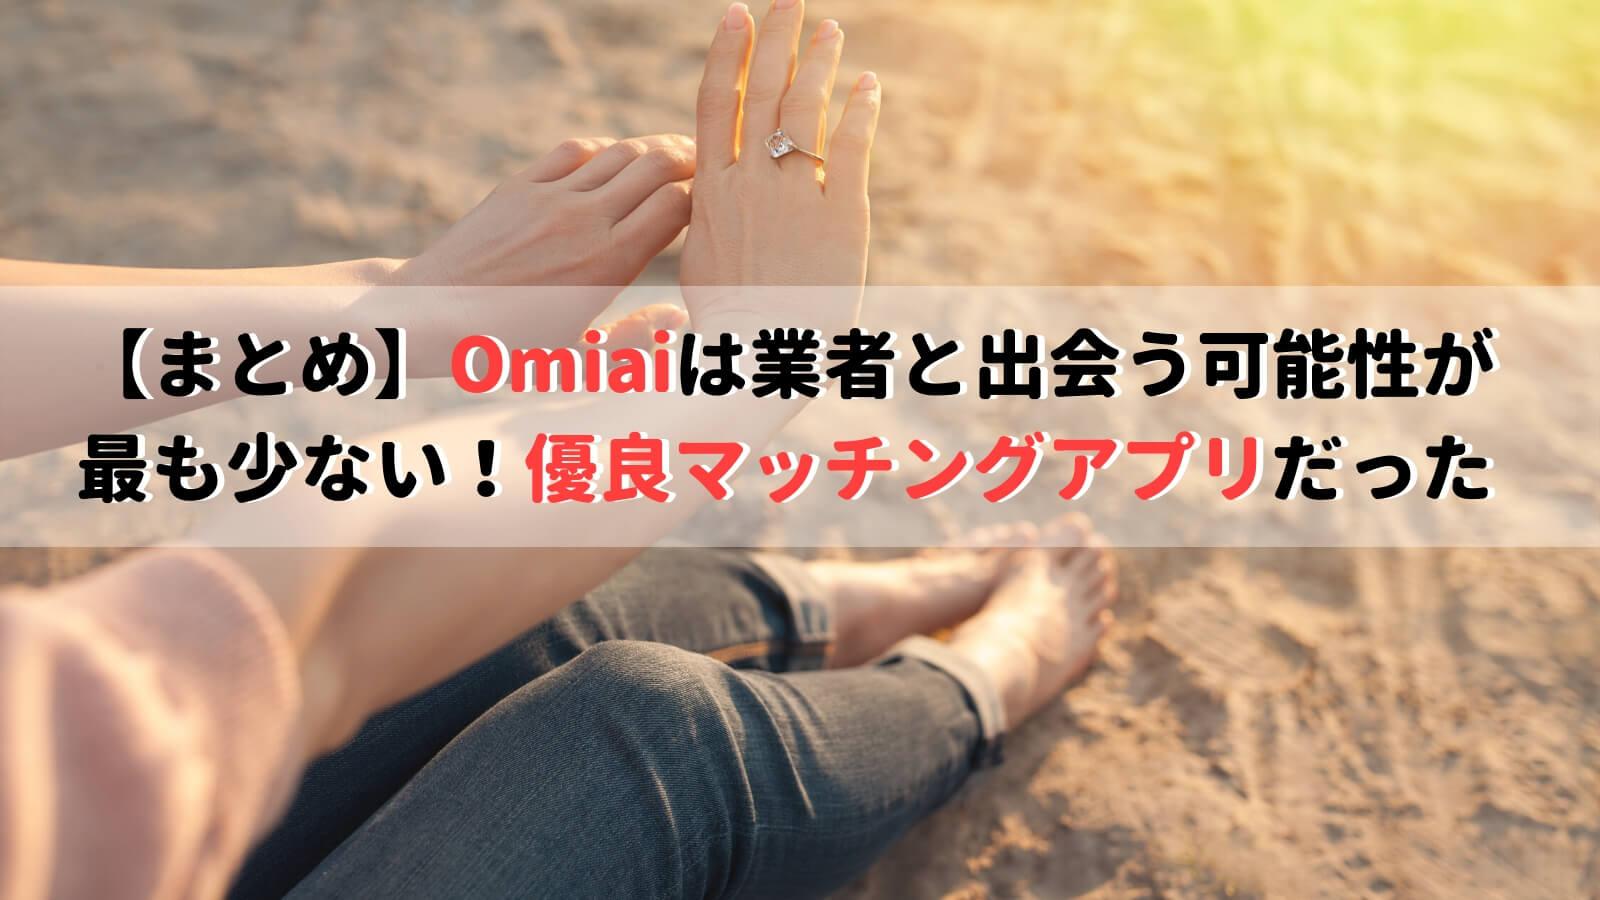 【まとめ】Omiaiは業者と出会う可能性が最も少ない!有料マッチングアプリだった